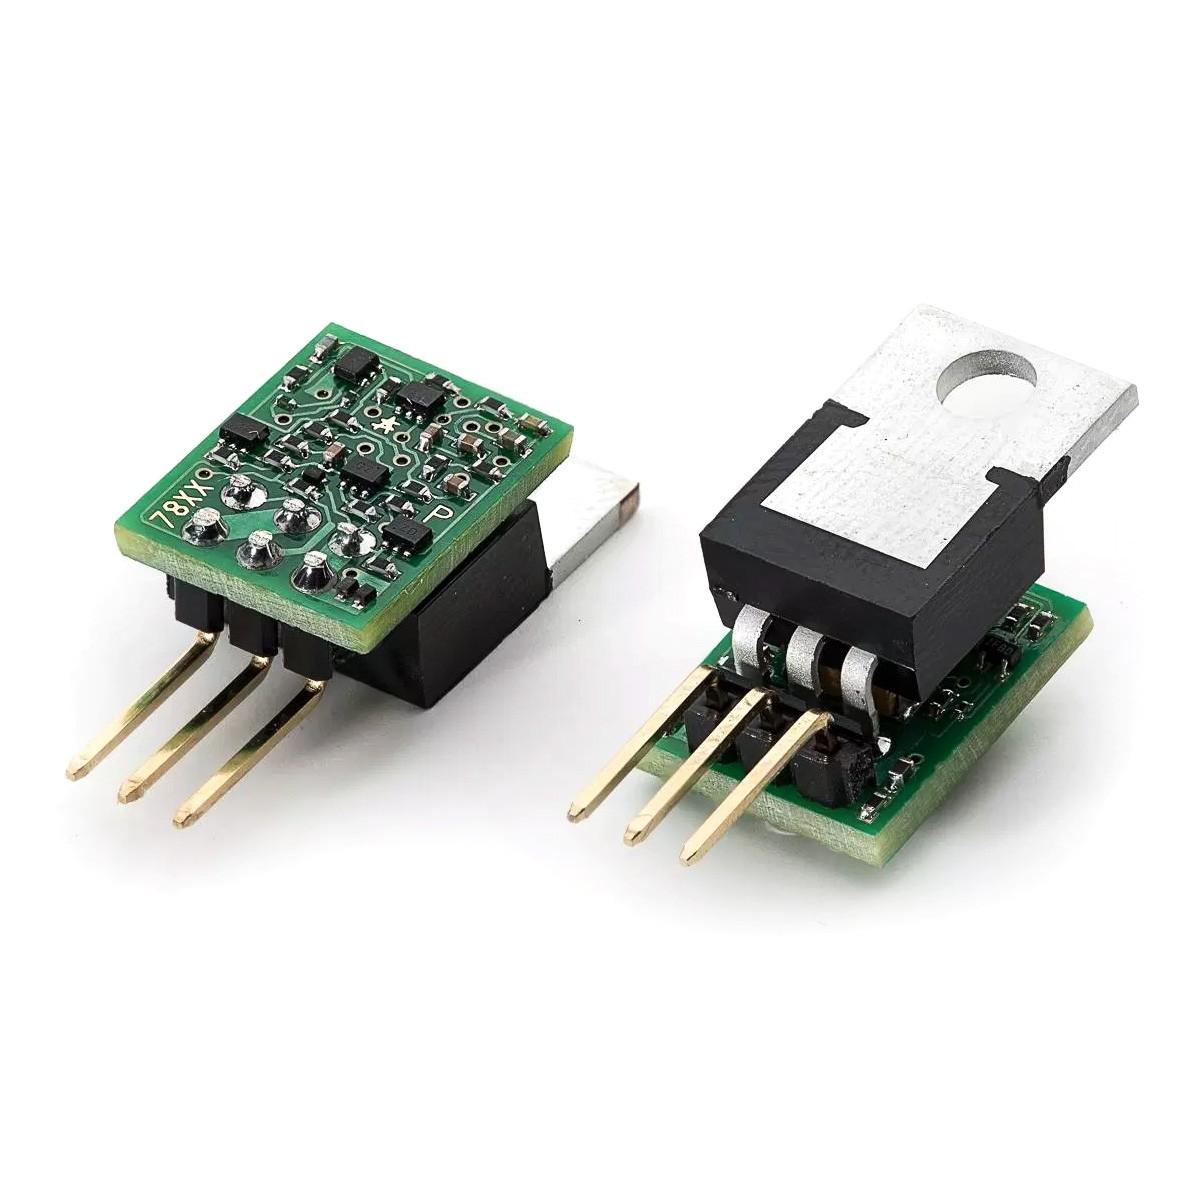 SPARKOS LABS SS7812 Discrete Voltage Regulator +12V